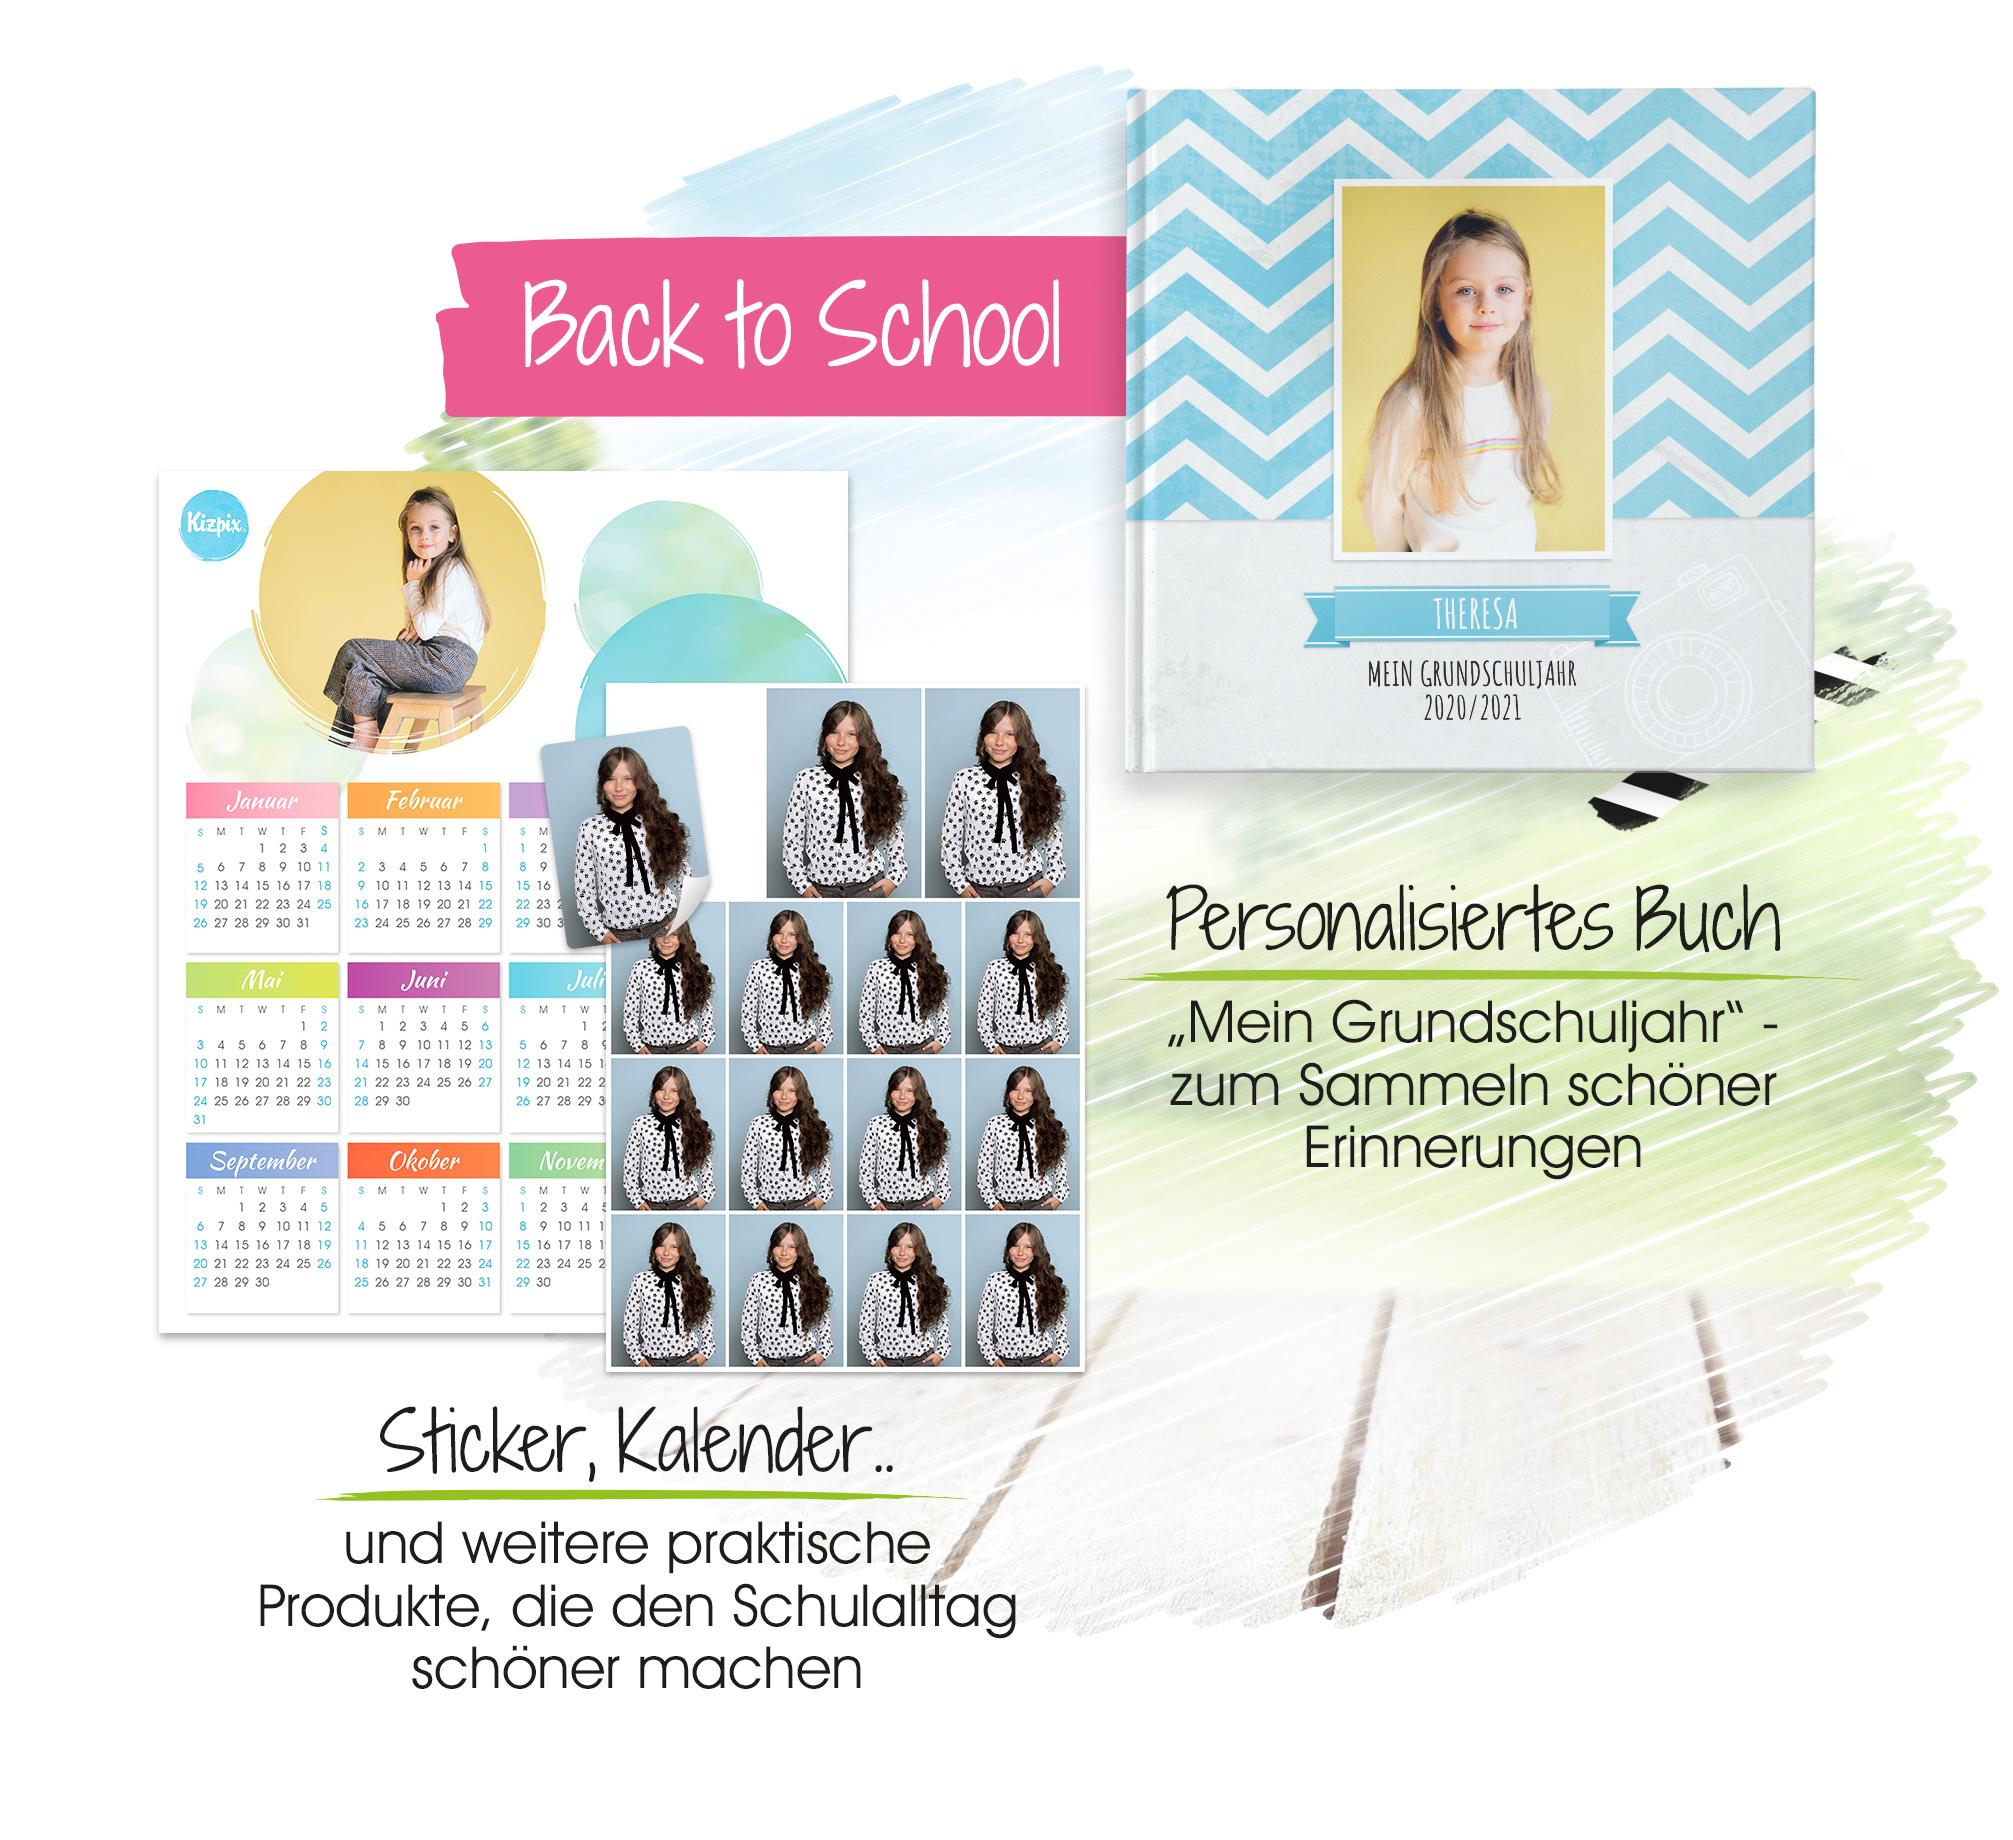 Kizpix.de Schulfotografie Specials: Personalisiertes Buch und Bewerbungsfotos